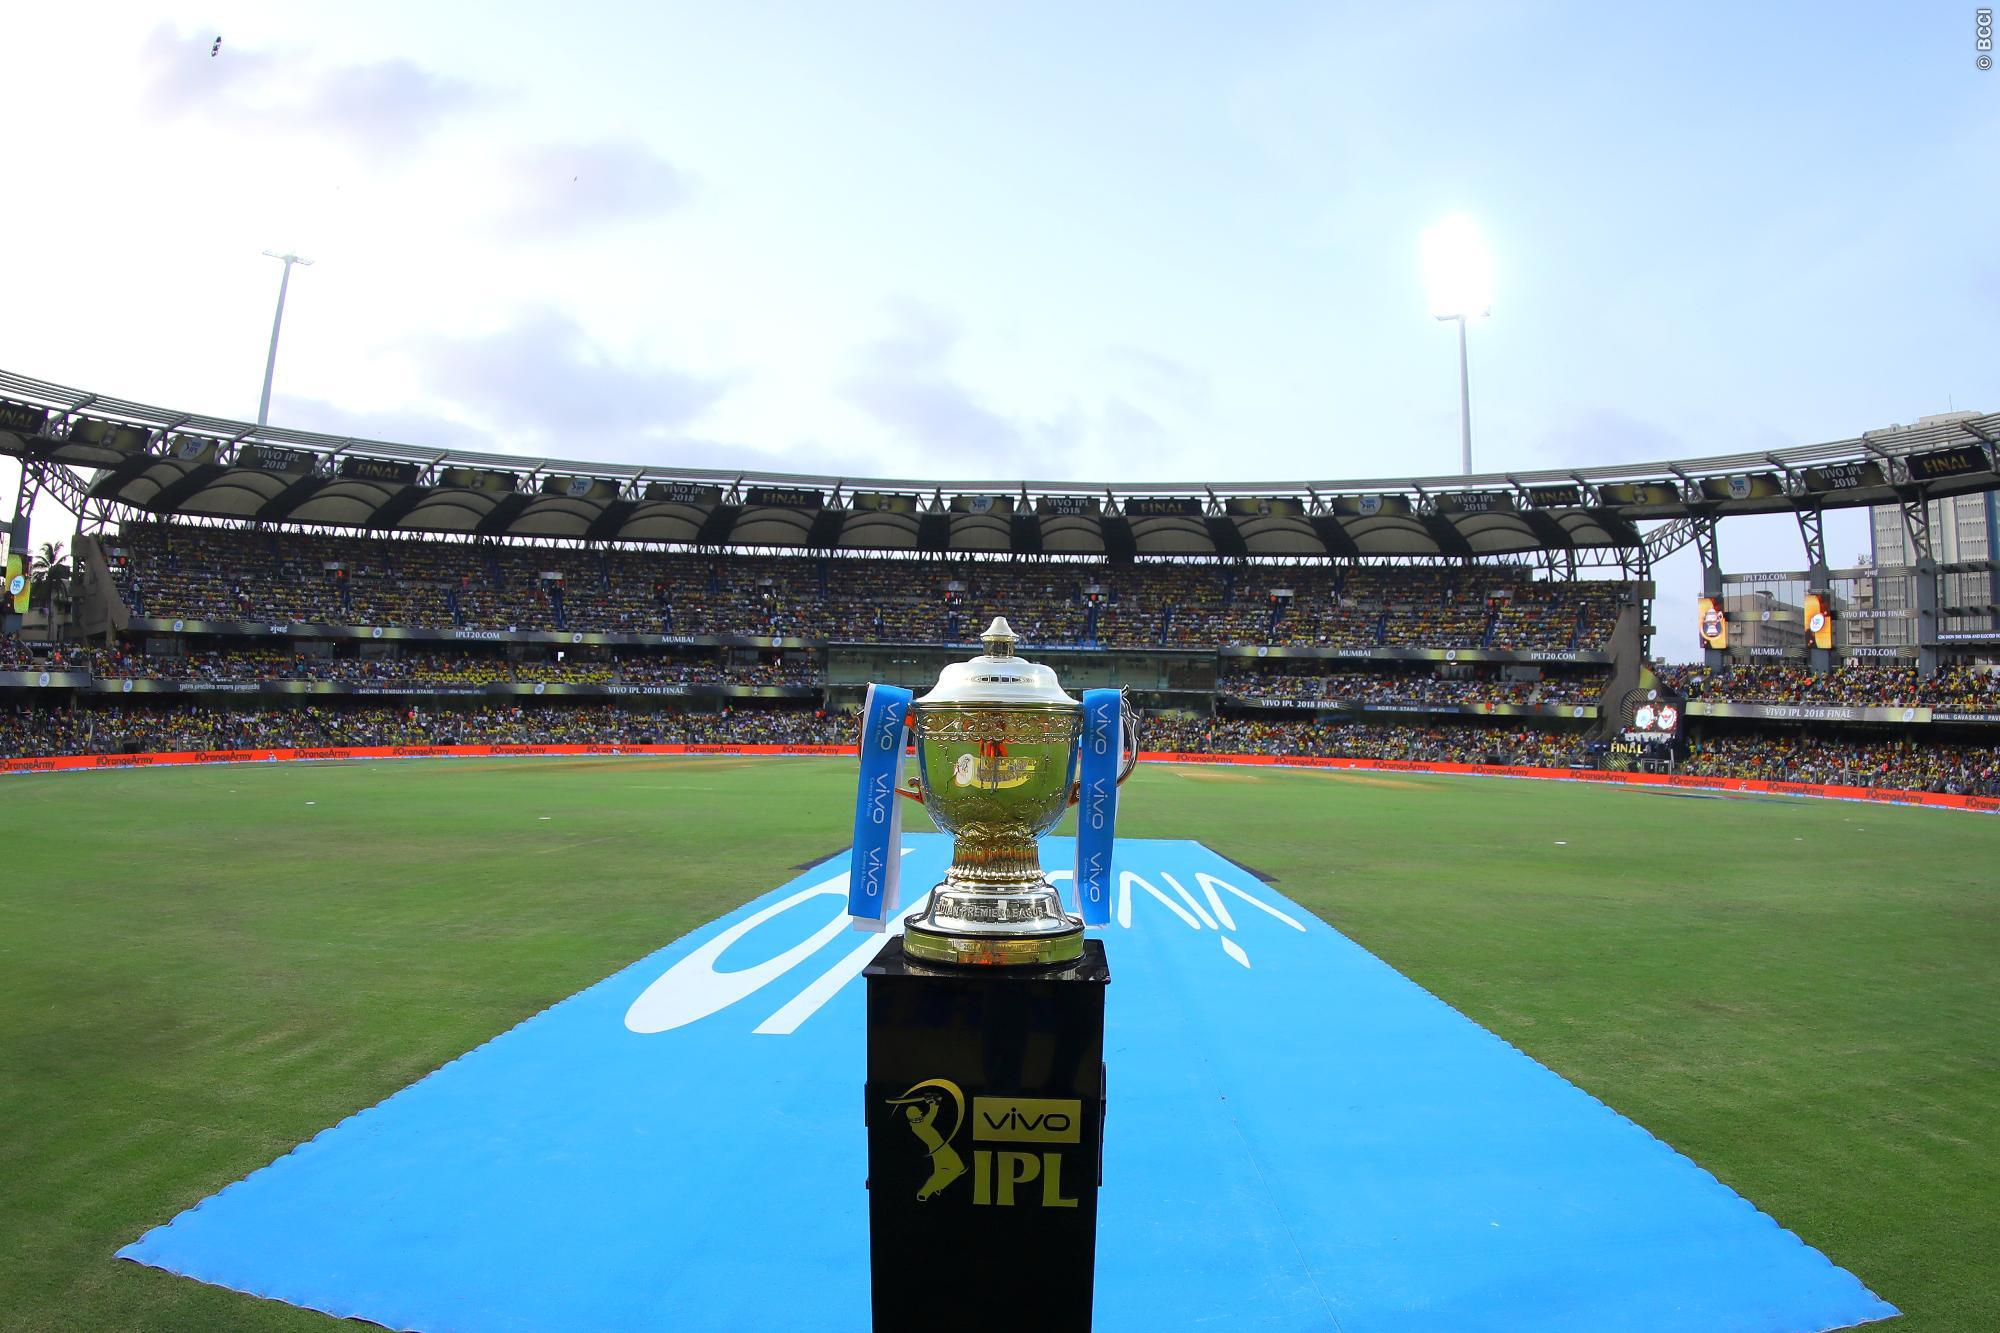 IPL 2019 Squads